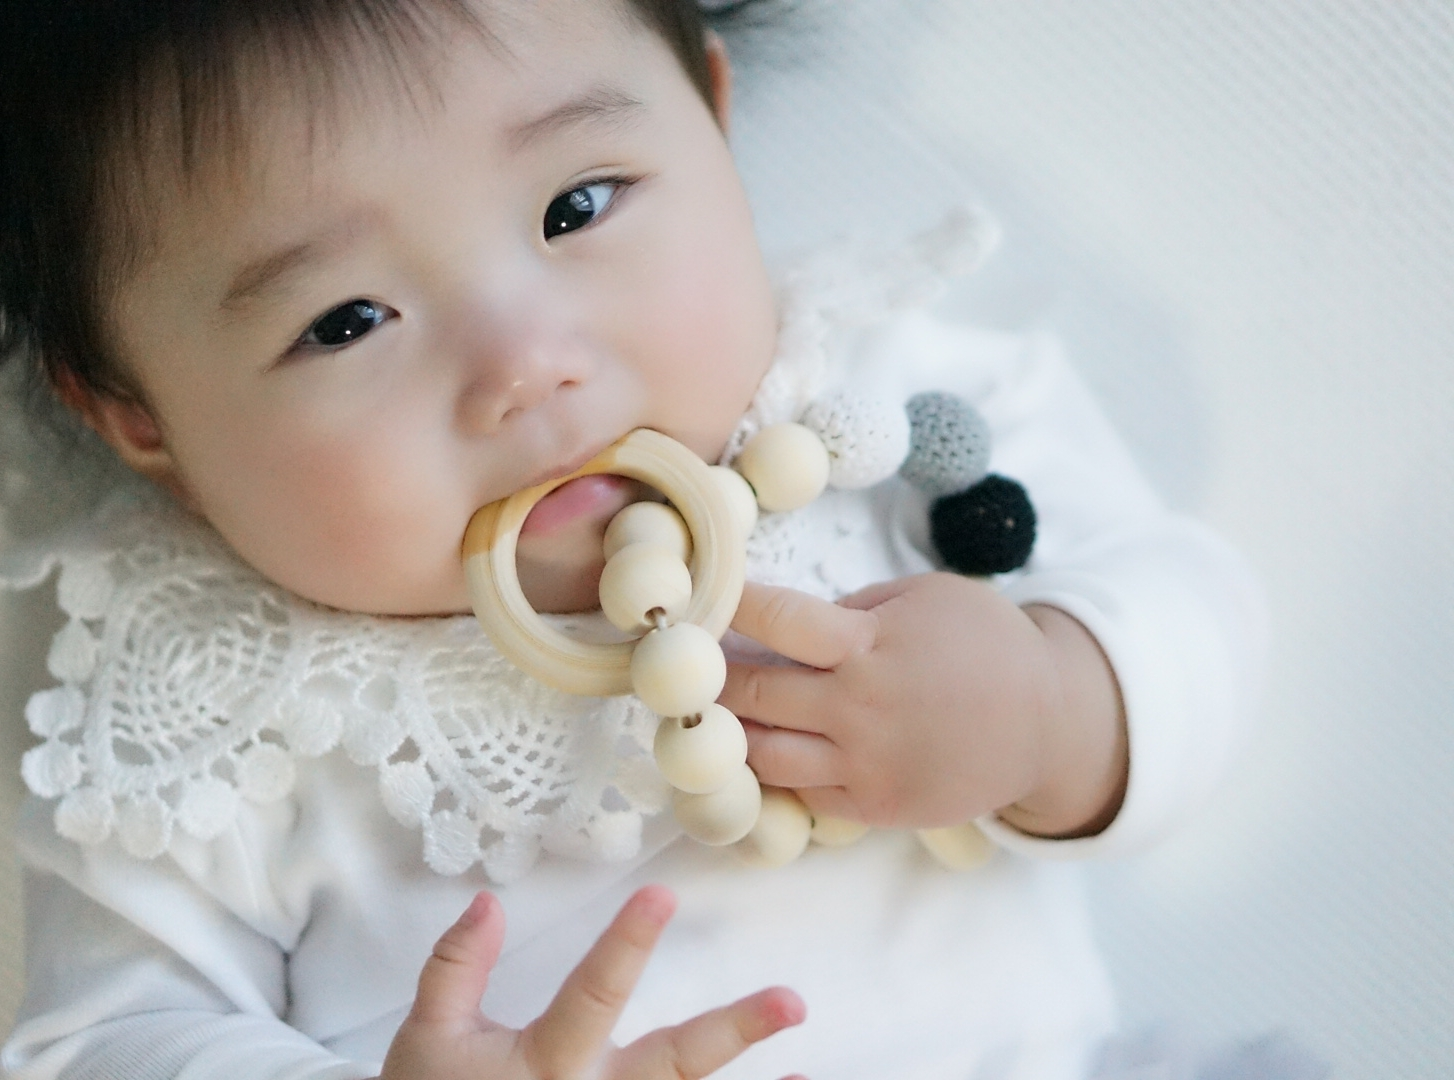 歯固めジュエリーは危険? 歯固めジュエリーでの赤ちゃんの窒息事故に注意! 安全な歯固めおもちゃの見分け方は?